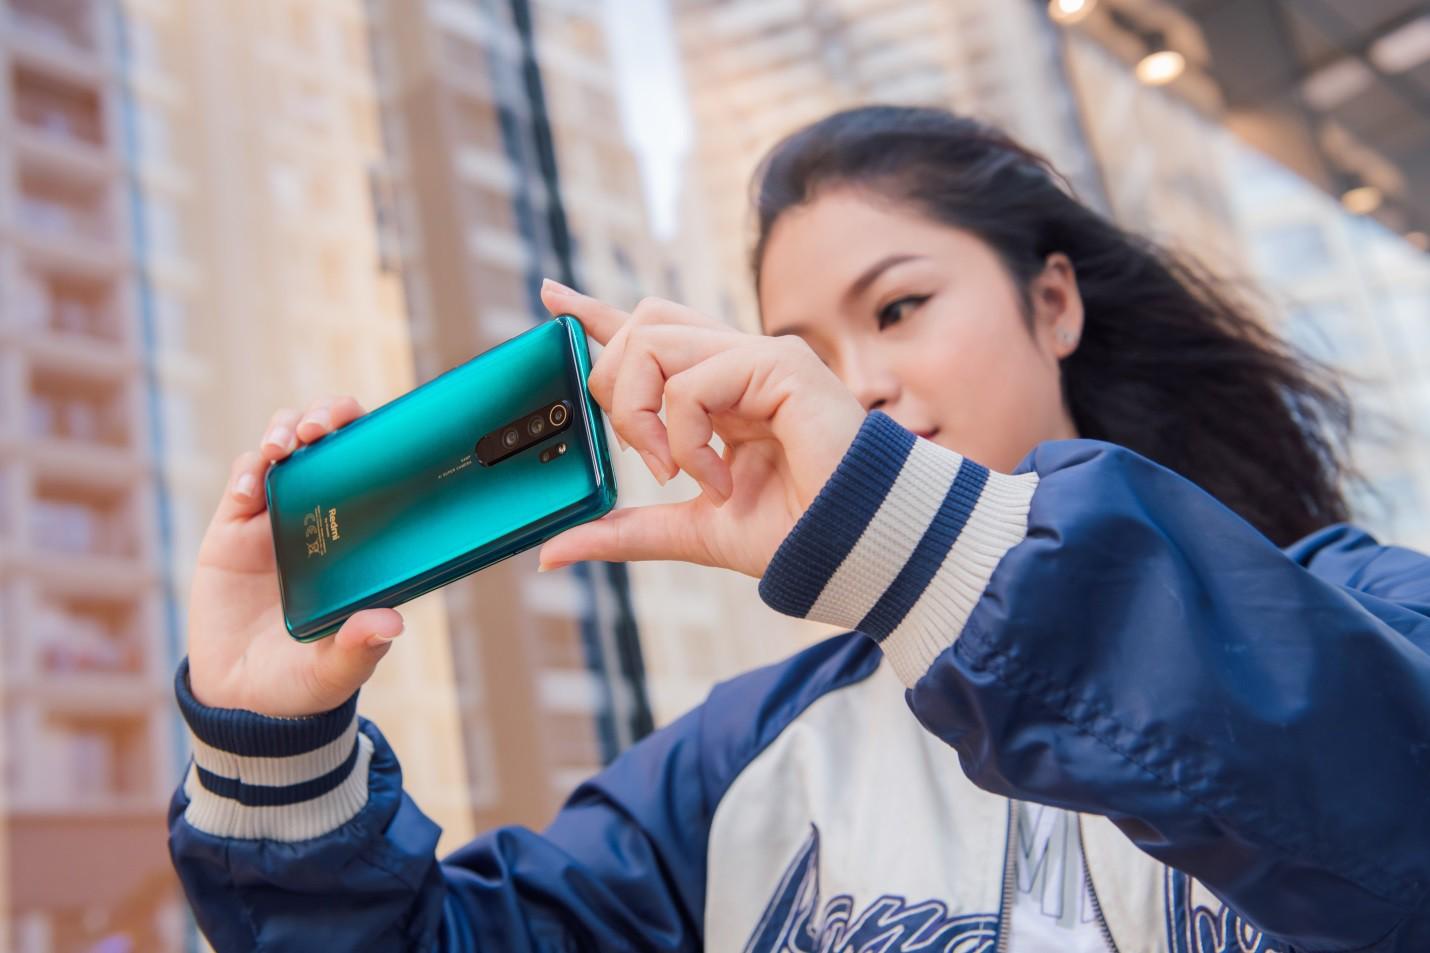 Ngắm bộ ảnh dễ thương của nữ sinh 18 tuổi mới được chọn làm gương mặt đồng hành cùng Xiaomi - Ảnh 3.